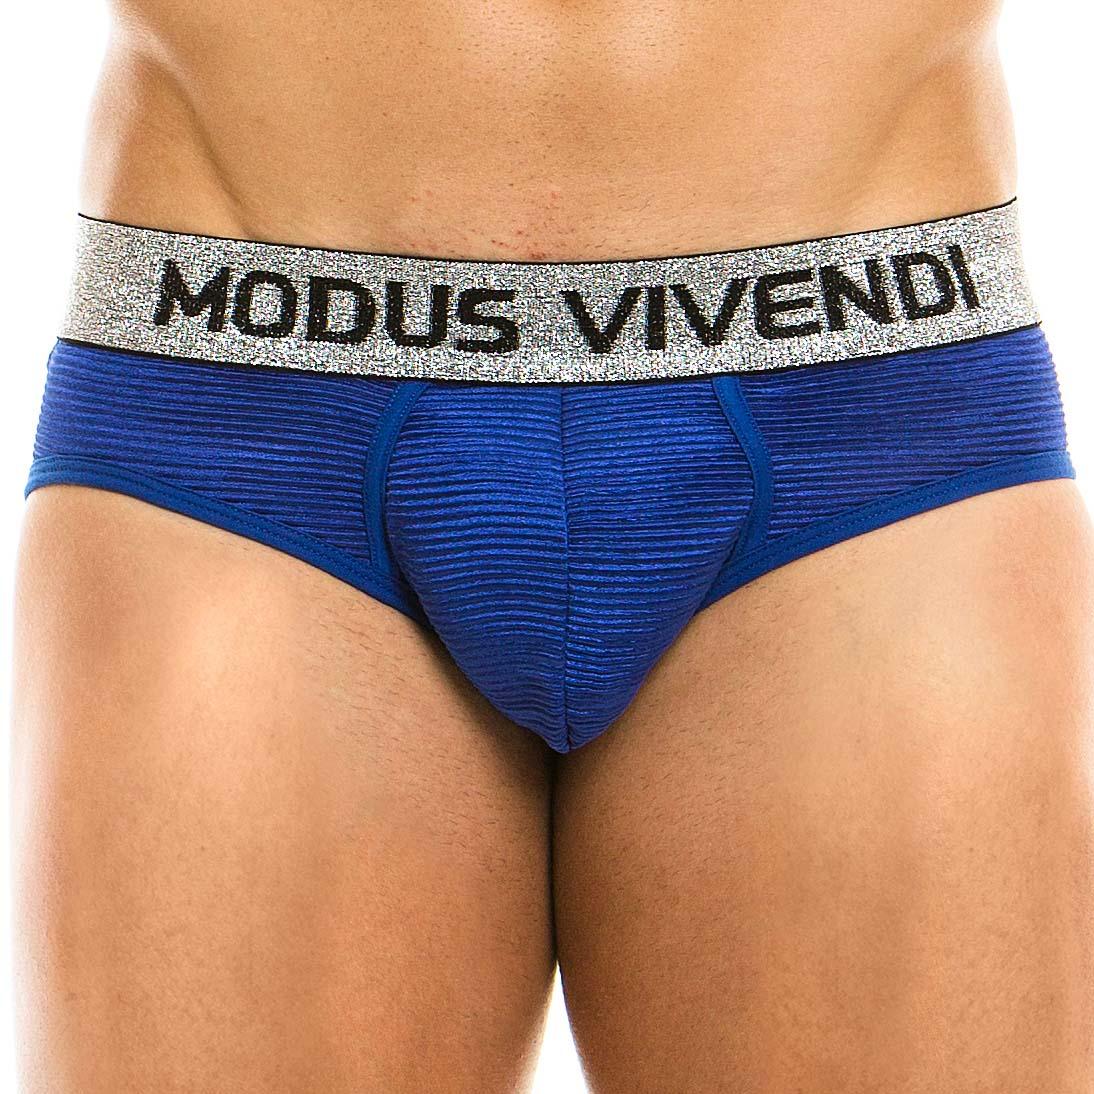 Brief Modus Vivendi Spring Fest 01914